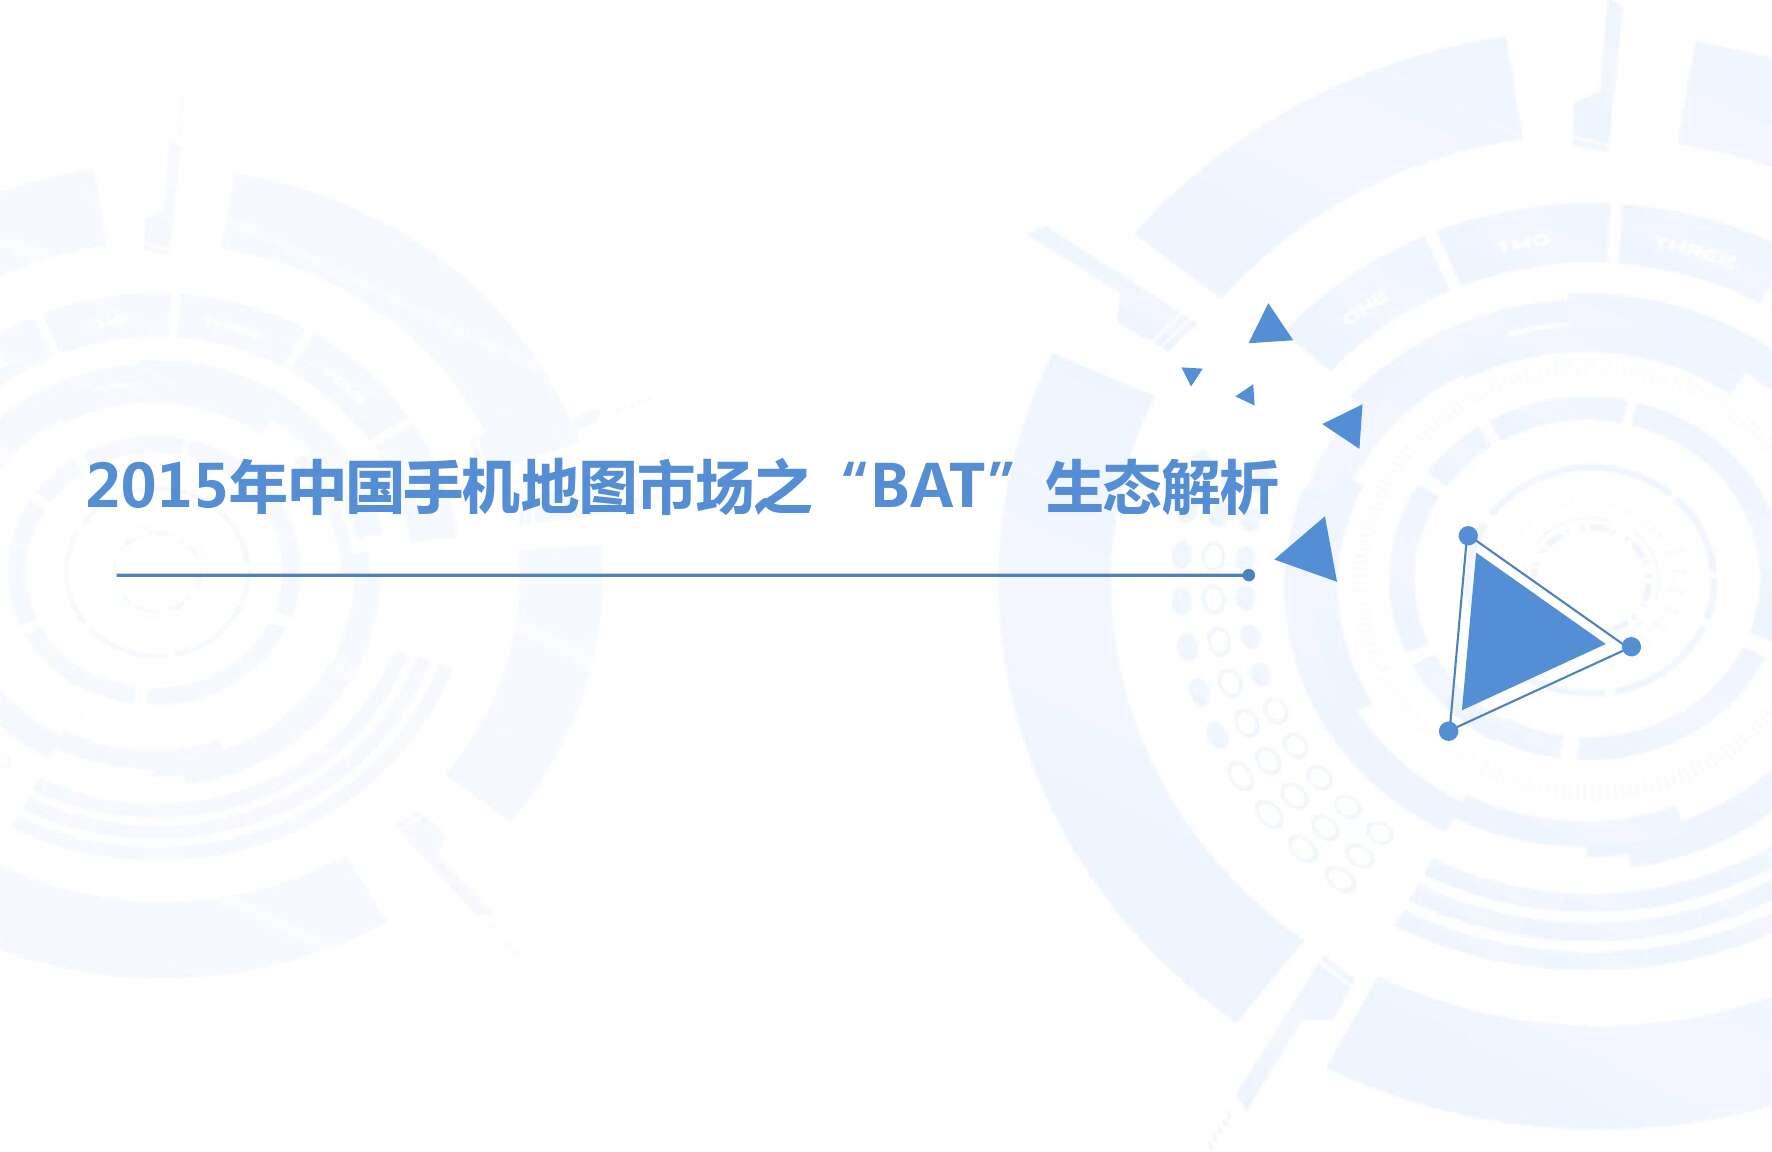 2015-2016年中国手机地图市场研究_000022